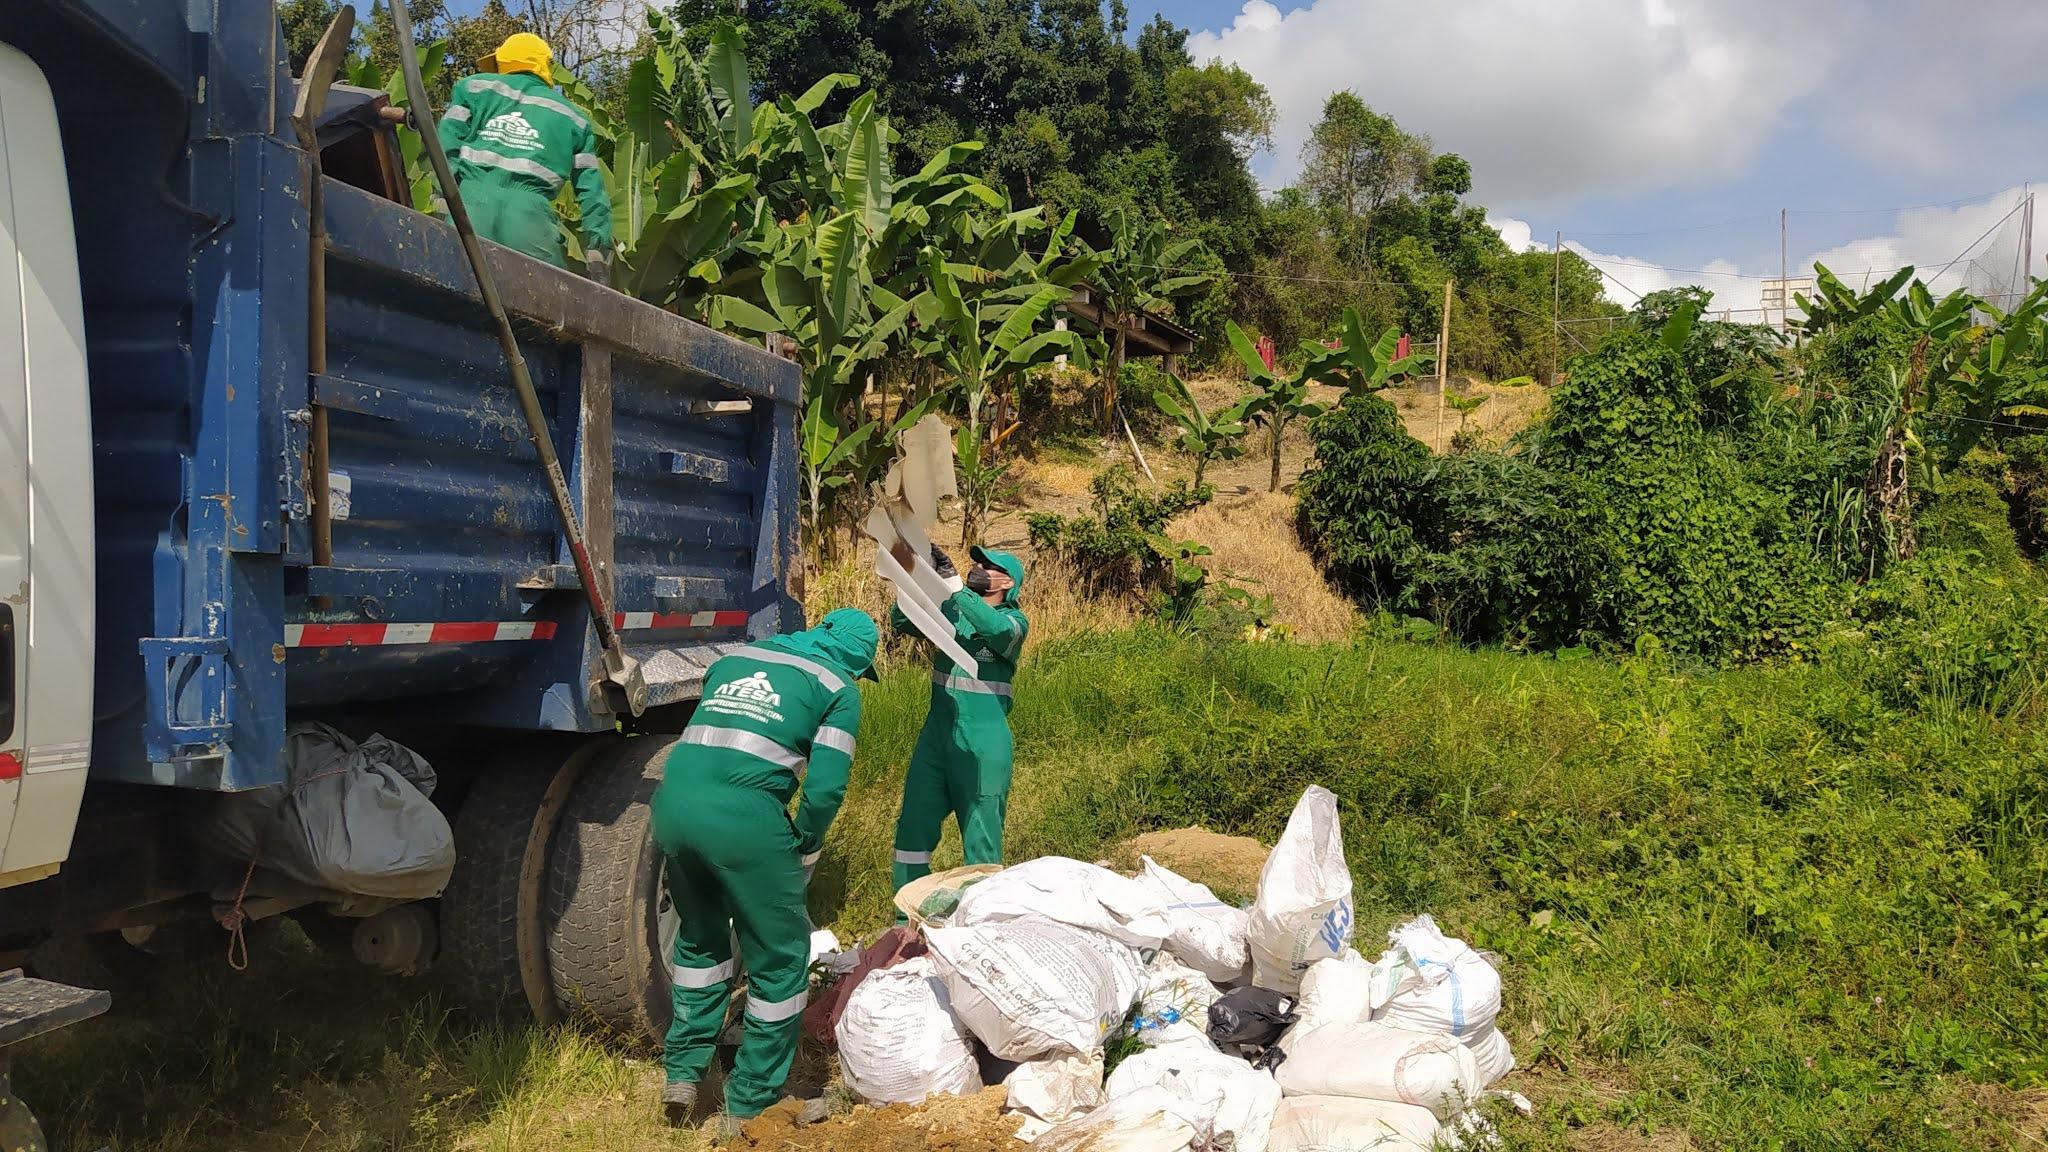 Recolección de inservibles llevó su servicio a los barrios Naranjito y Miraflores